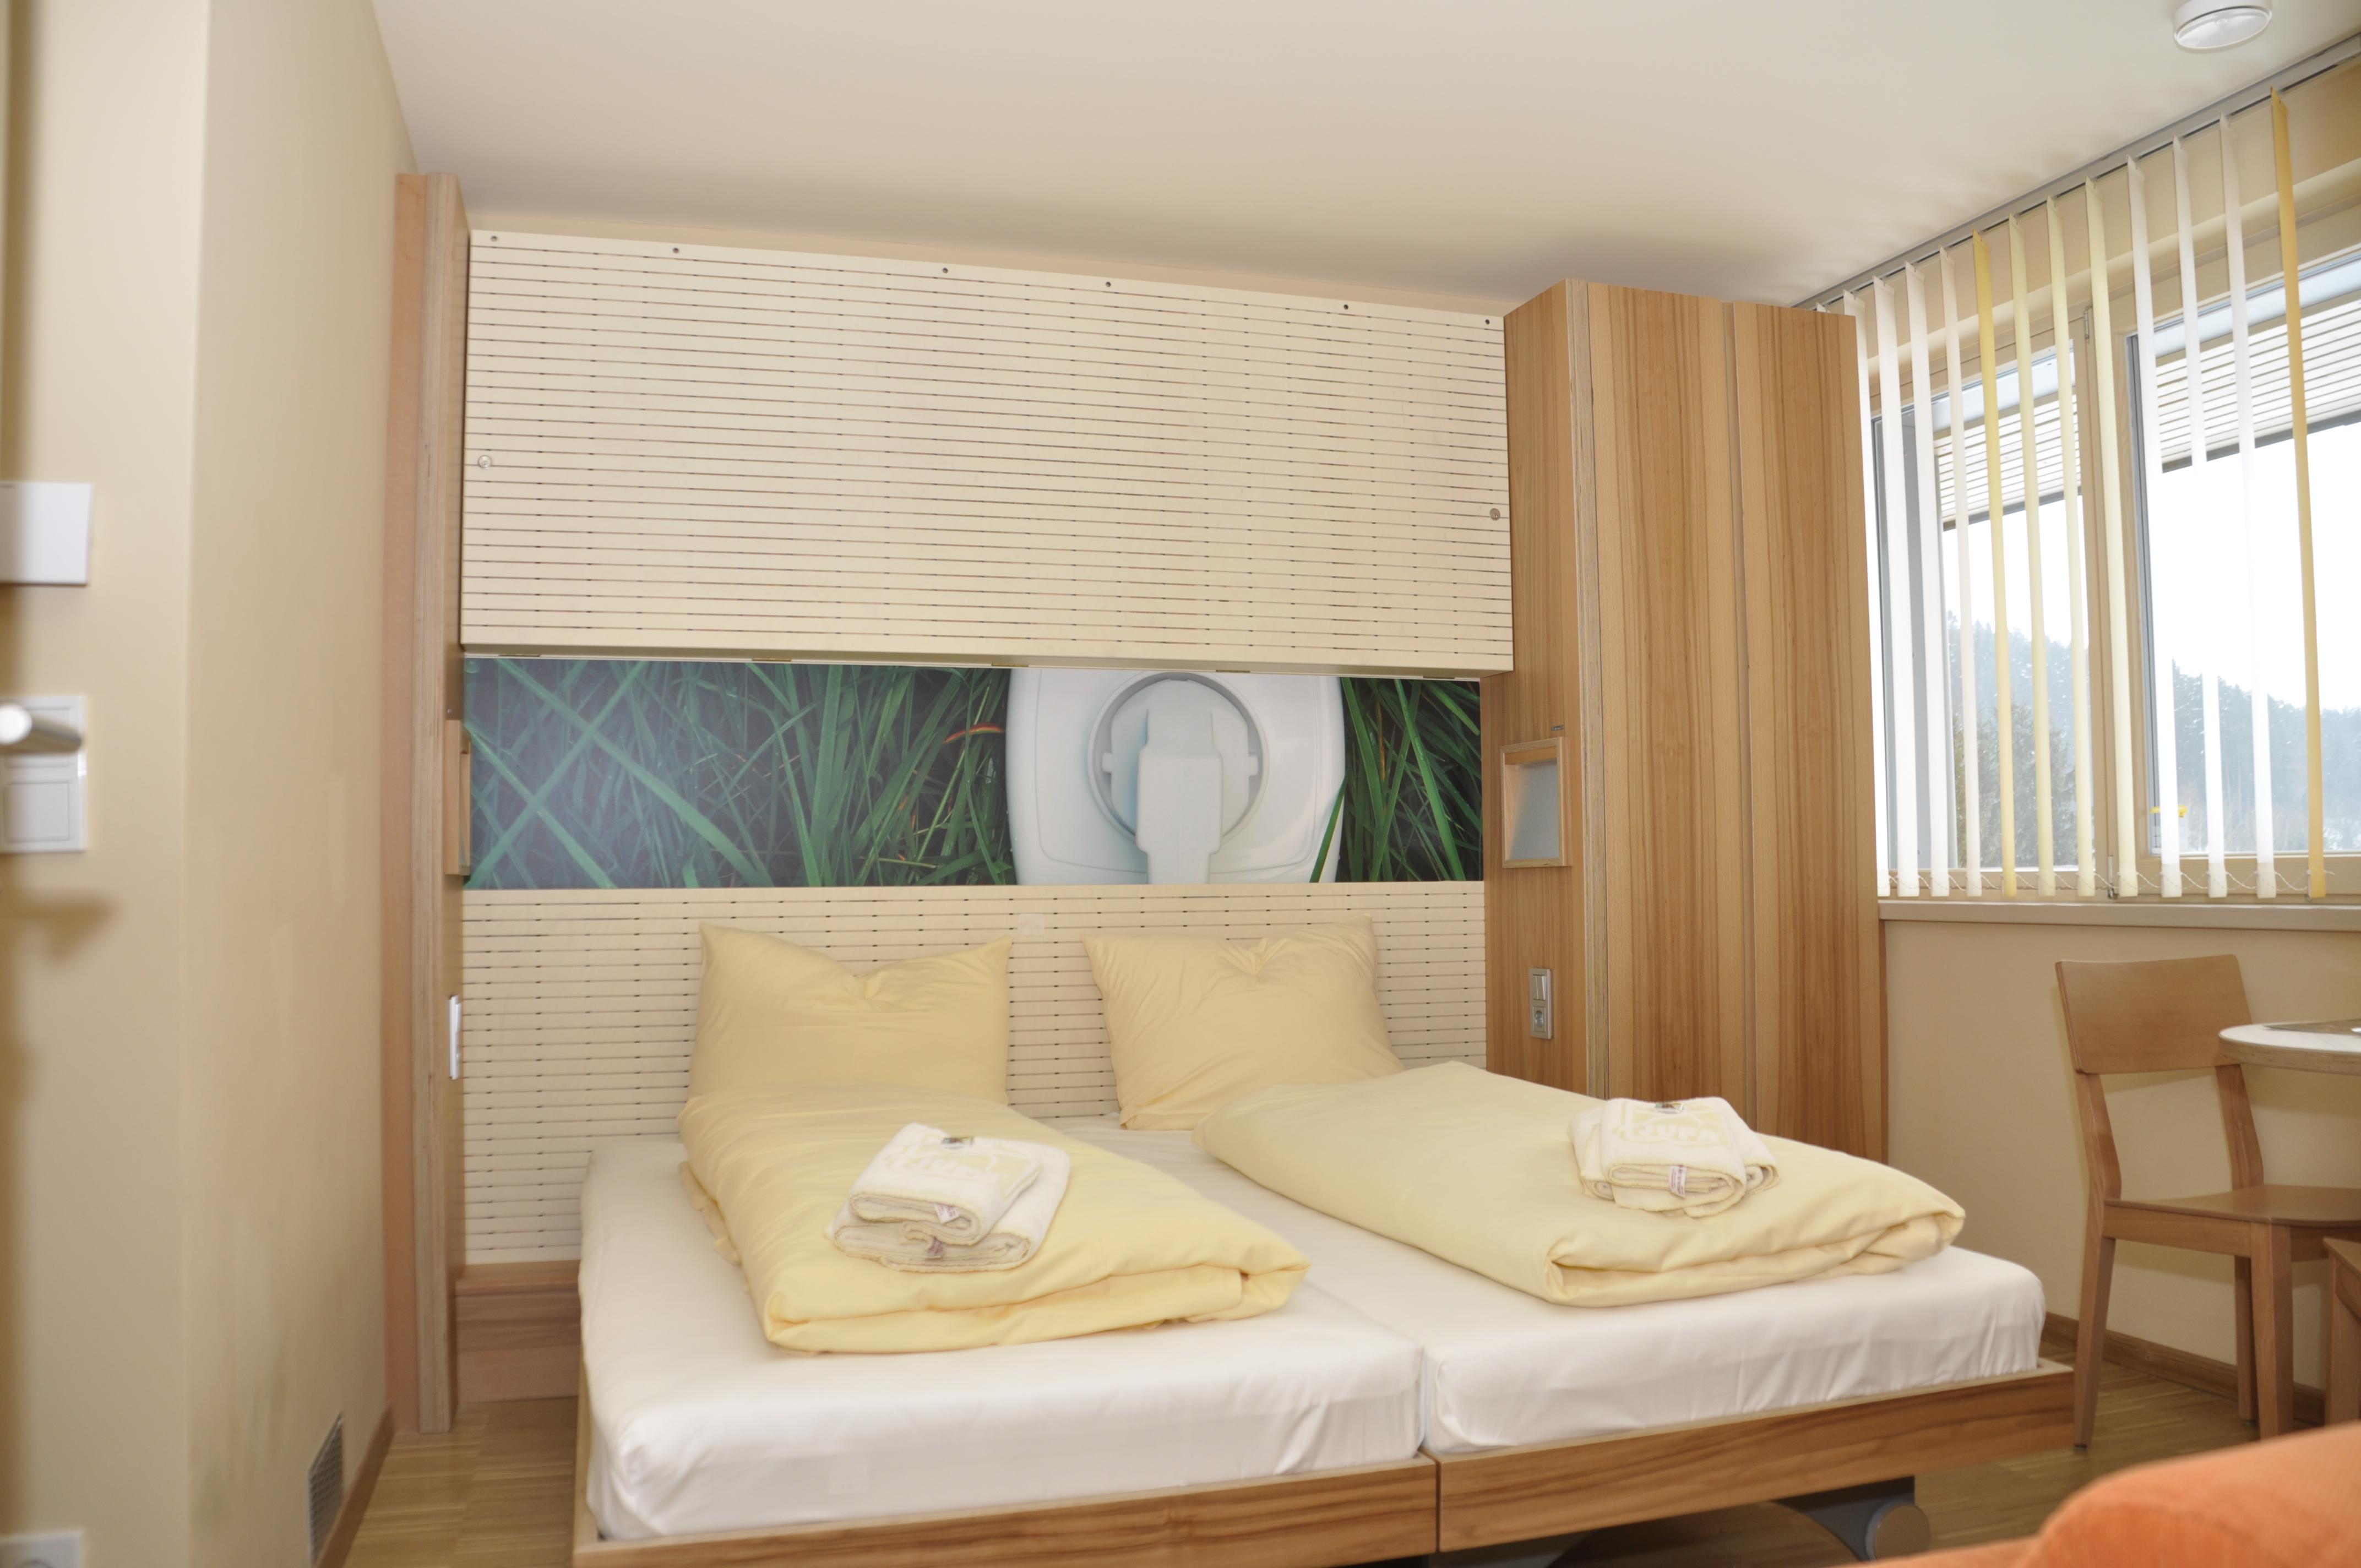 Sie sehen ein Doppelbett in einem Doppelzimmer im JUFA Hotel Bleiburg/Pliberk – Sport-Resort mit einem Wandbild. JUFA Hotels bietet Ihnen den Ort für erfolgreiches Training in ungezwungener Atmosphäre für Vereine und Teams.